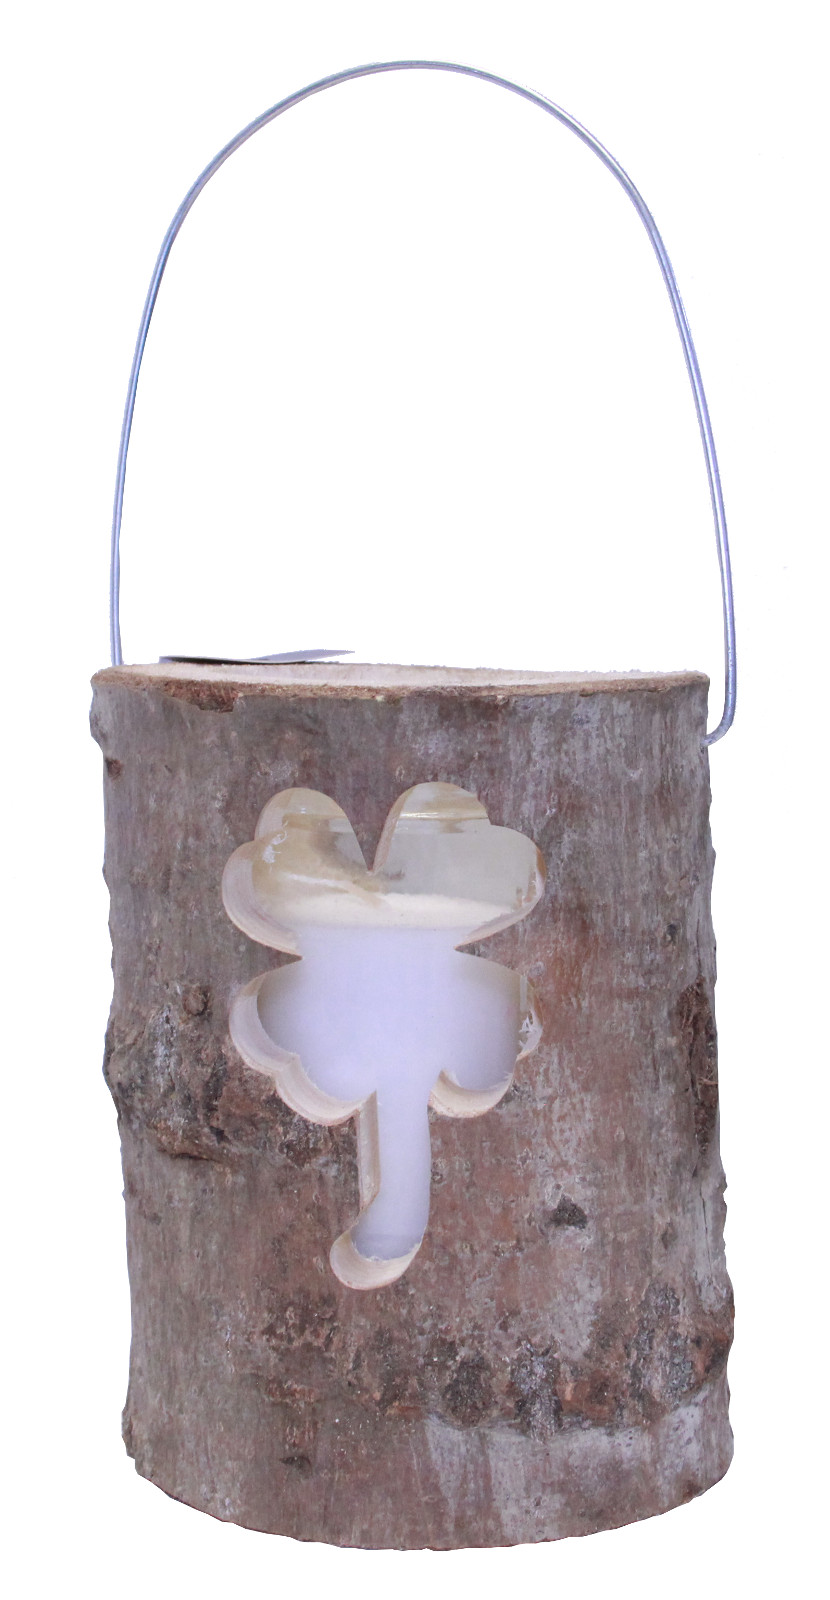 holzlaterne deko lampe laterne wood deco lamp glaseinsatz kerze. Black Bedroom Furniture Sets. Home Design Ideas